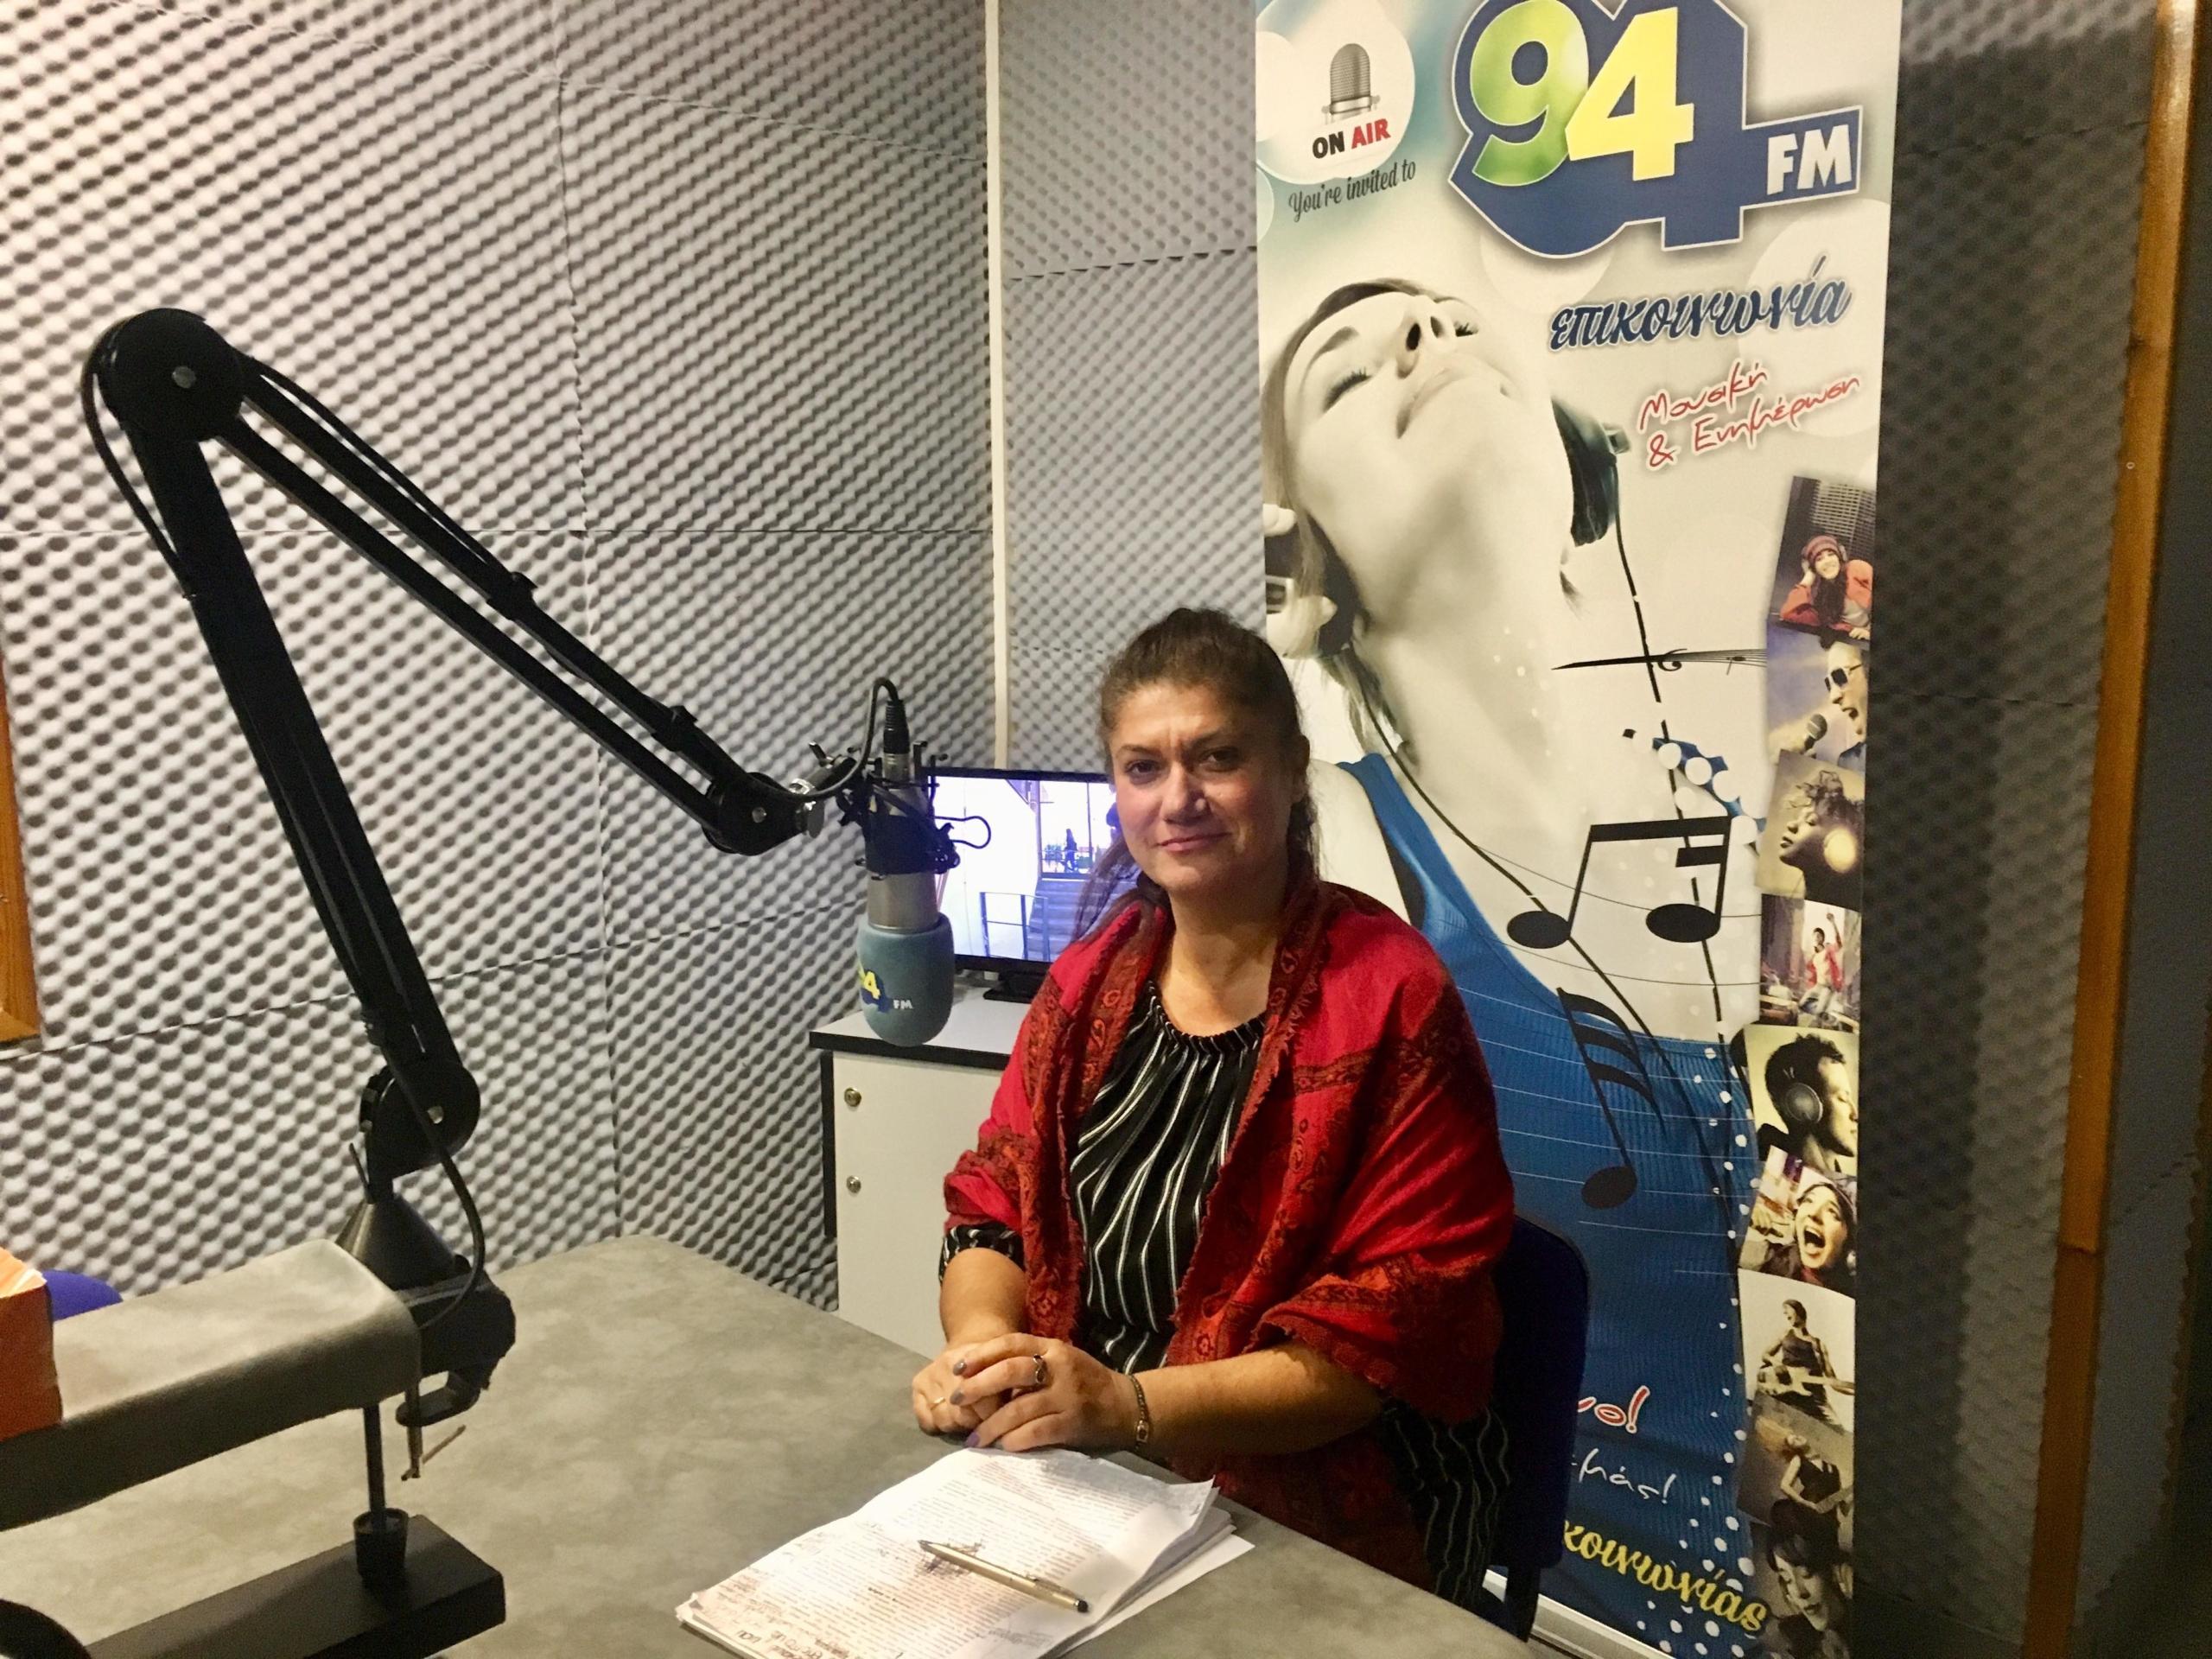 Ασ. Παναγιωτακοπούλου: «Ομαλό το άνοιγμα των σχολείων μας!»